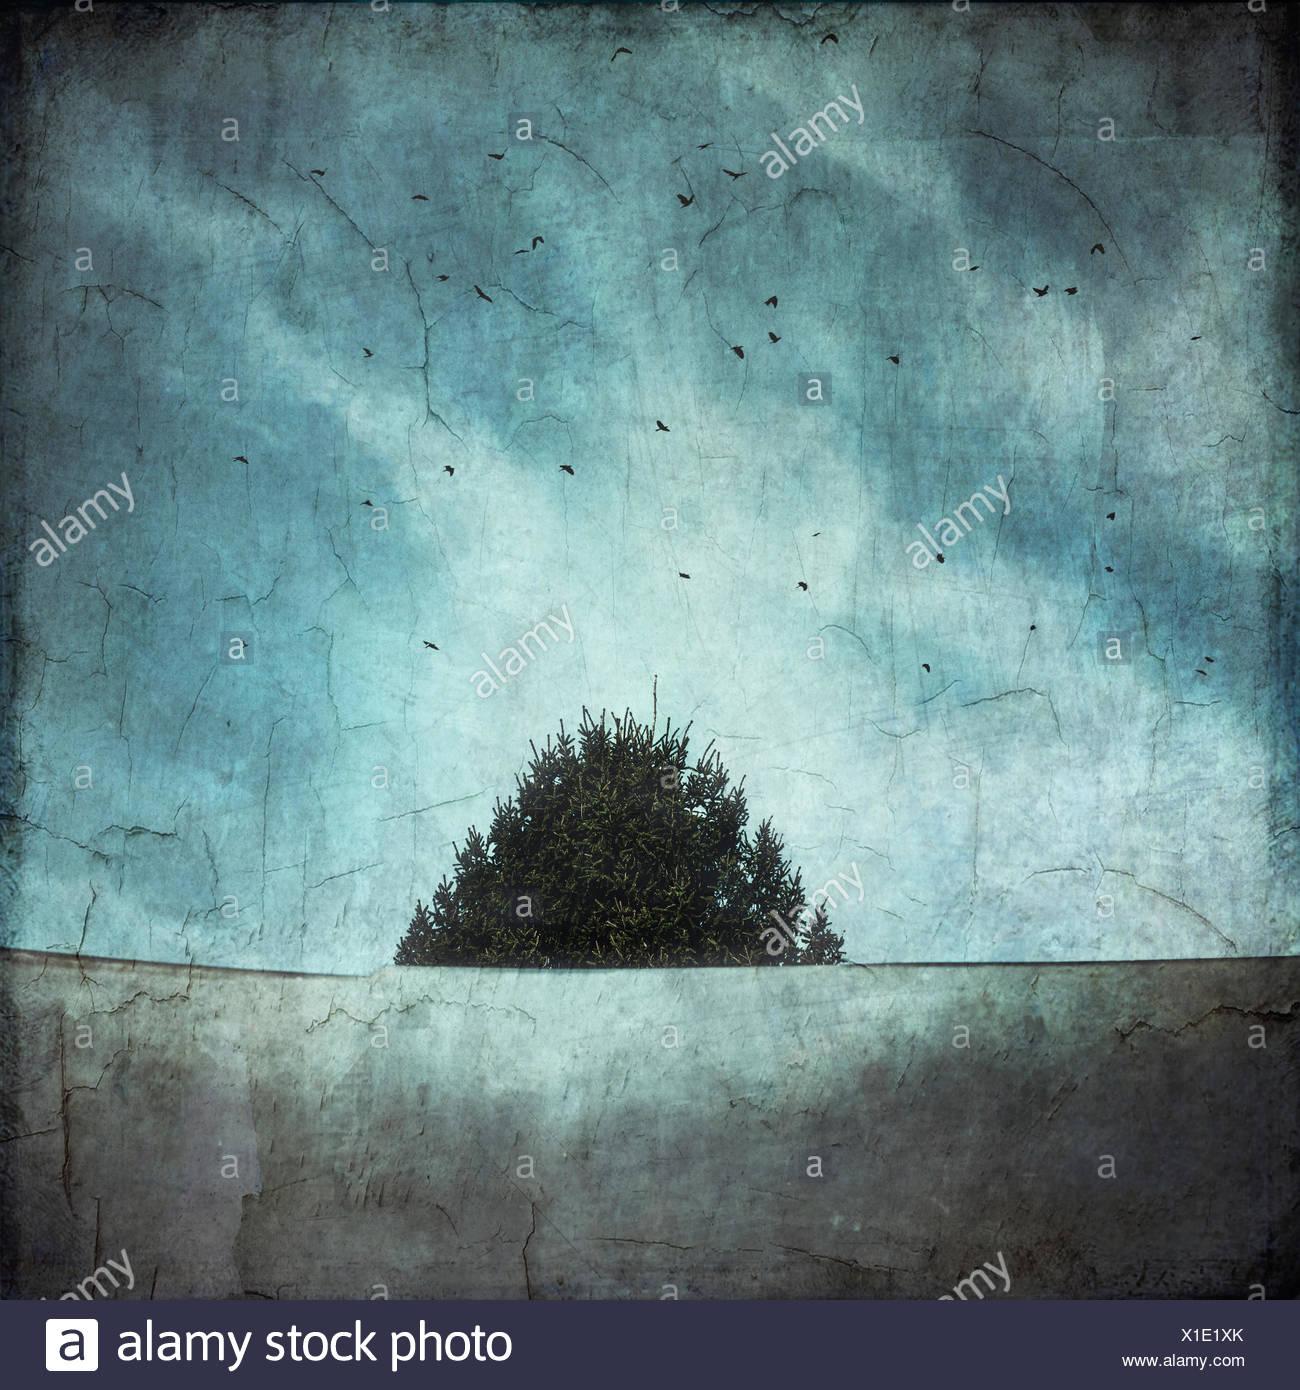 Baumkrone und Dach mit fliegenden Vögel, Struktureffekt Stockbild